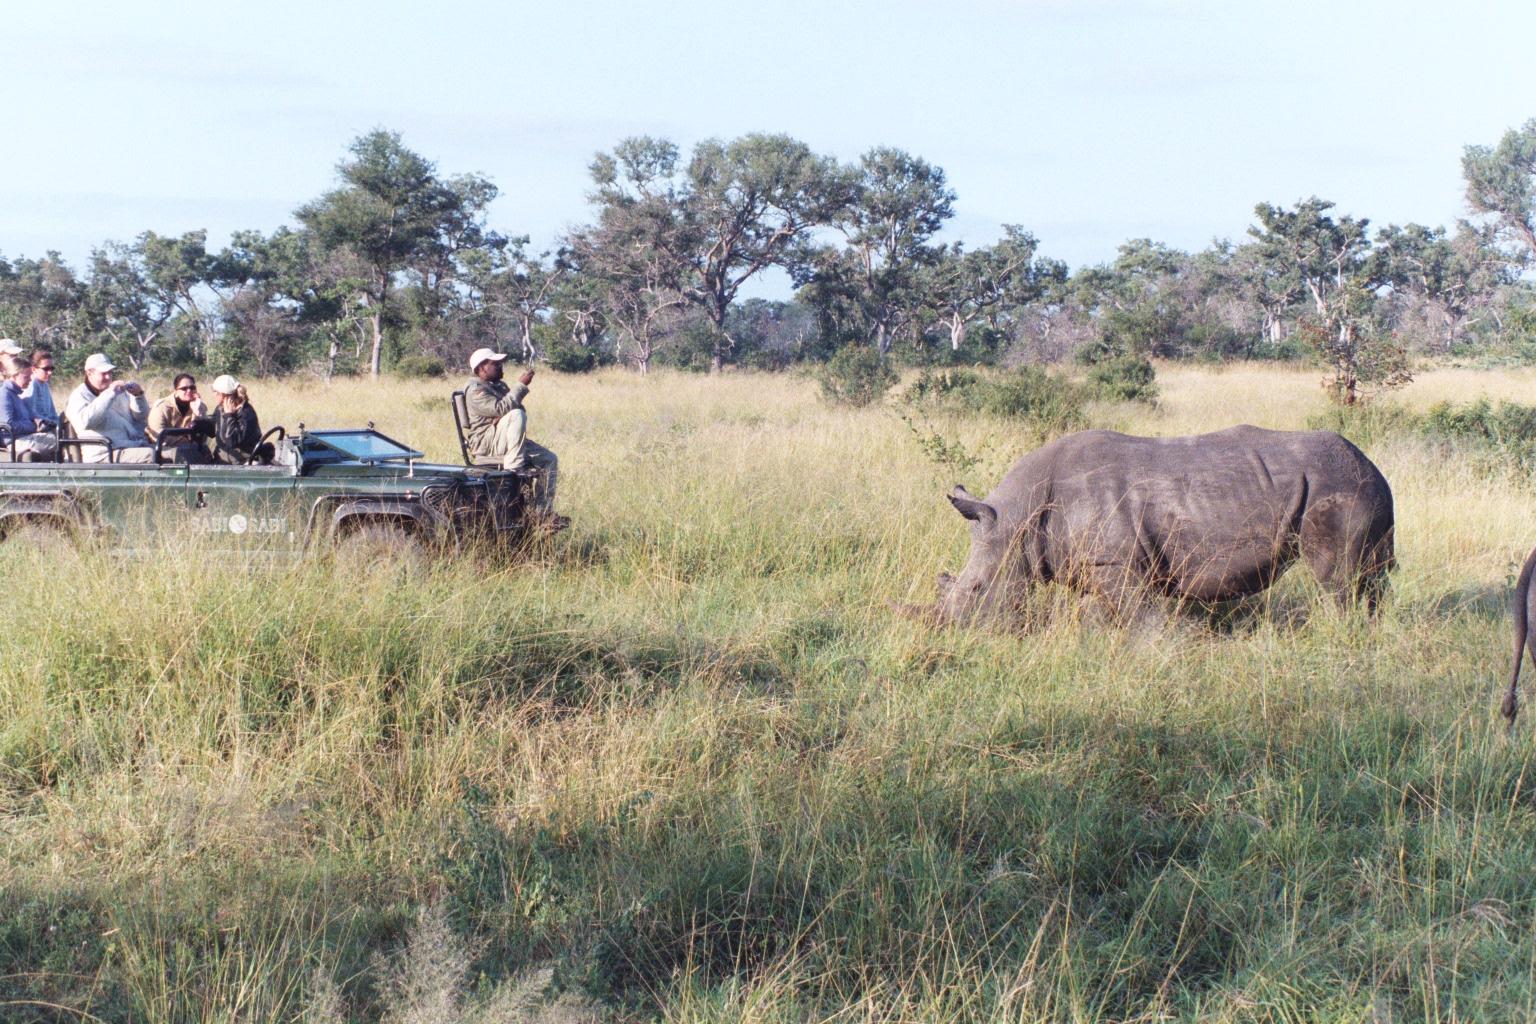 Rhino encounter in private reserve